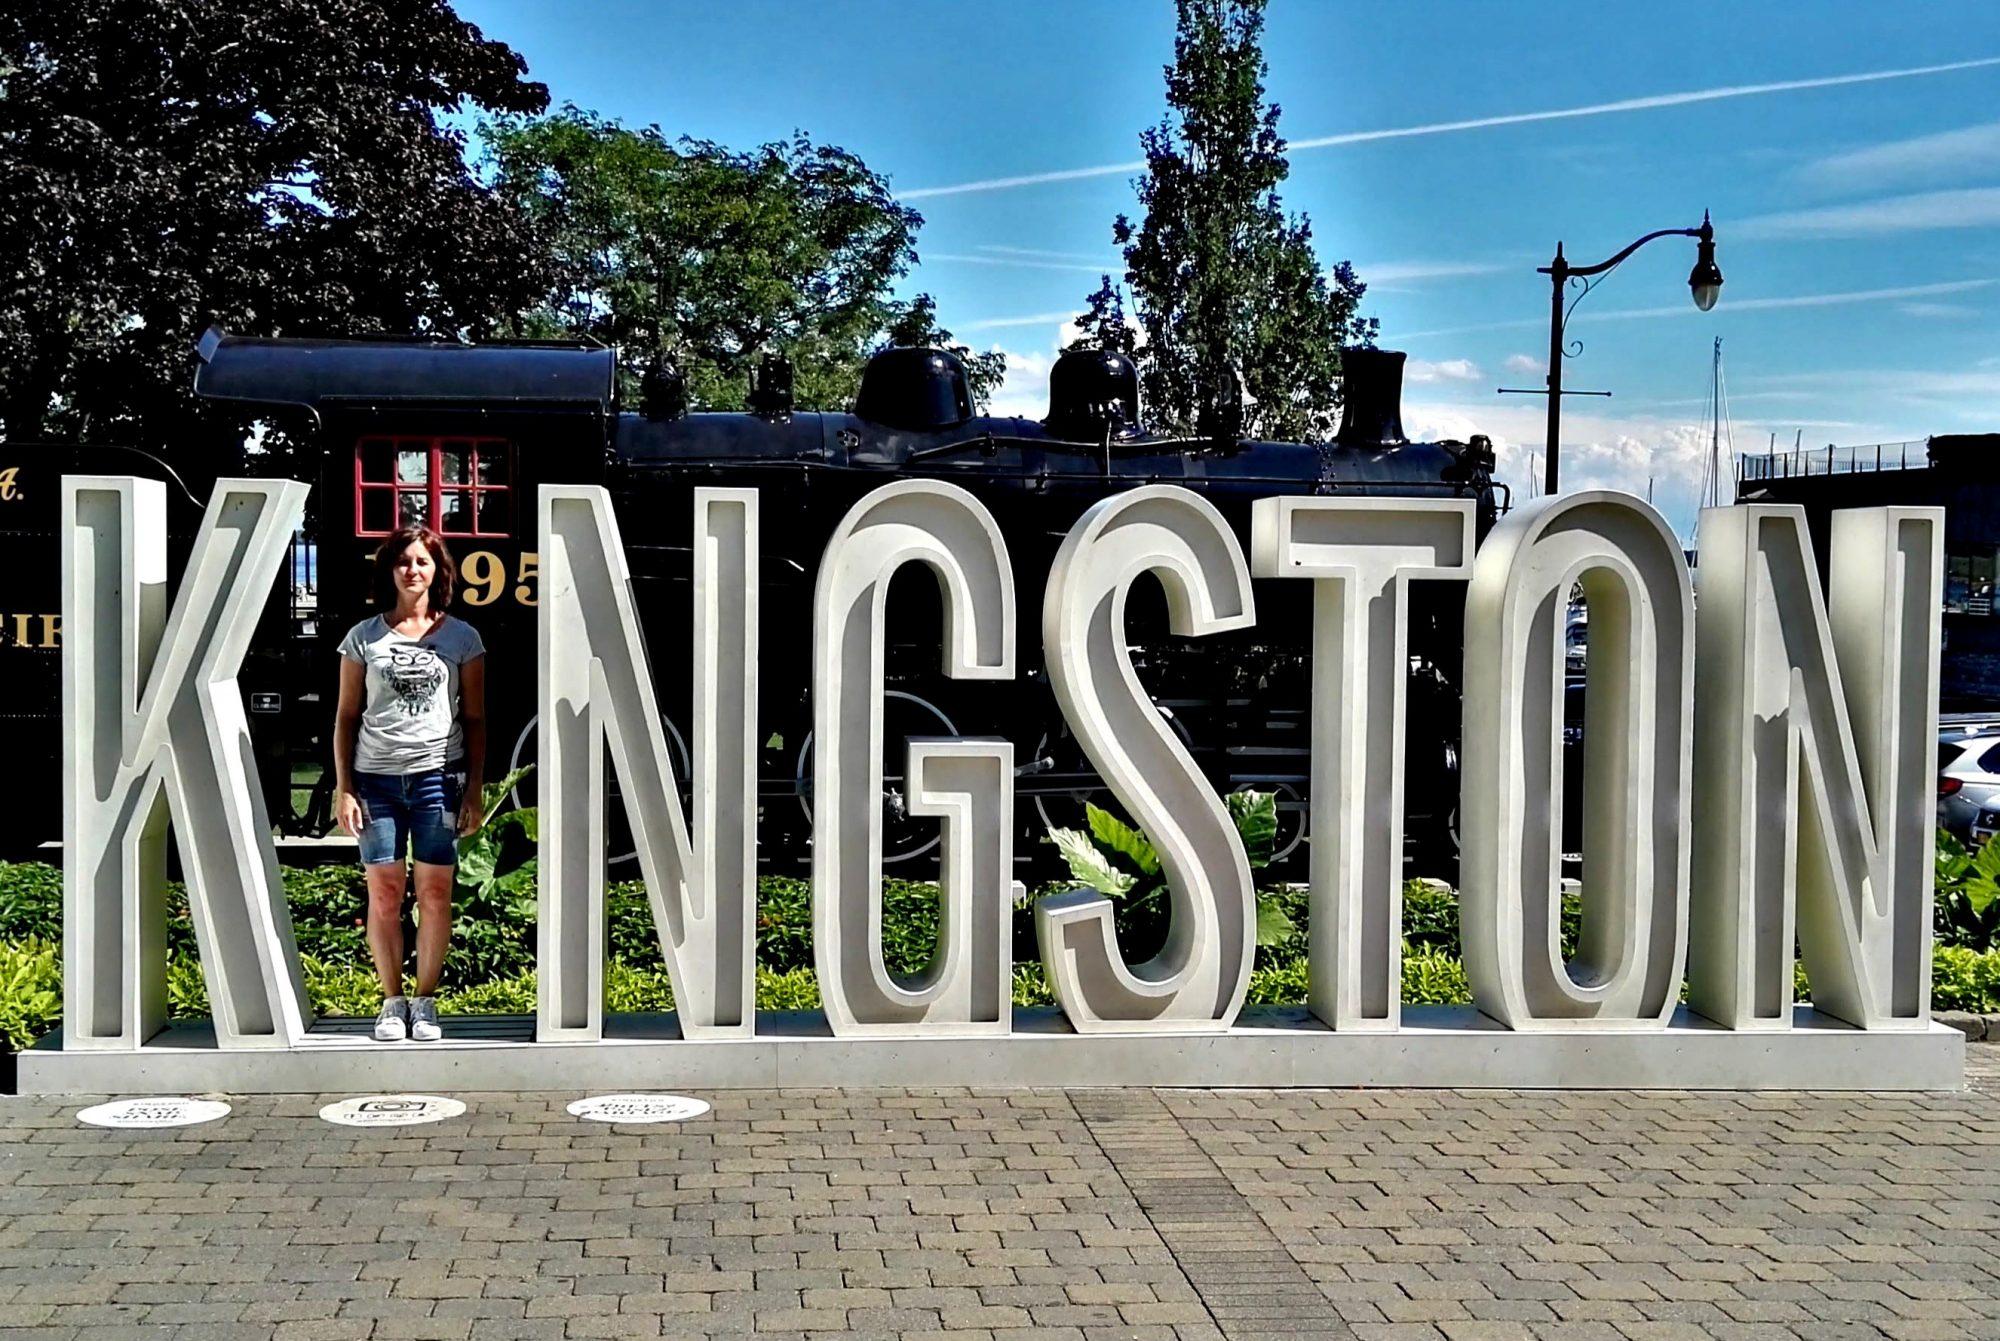 Fra le cose da vedere a Kingston c è la scritta instagrammabile